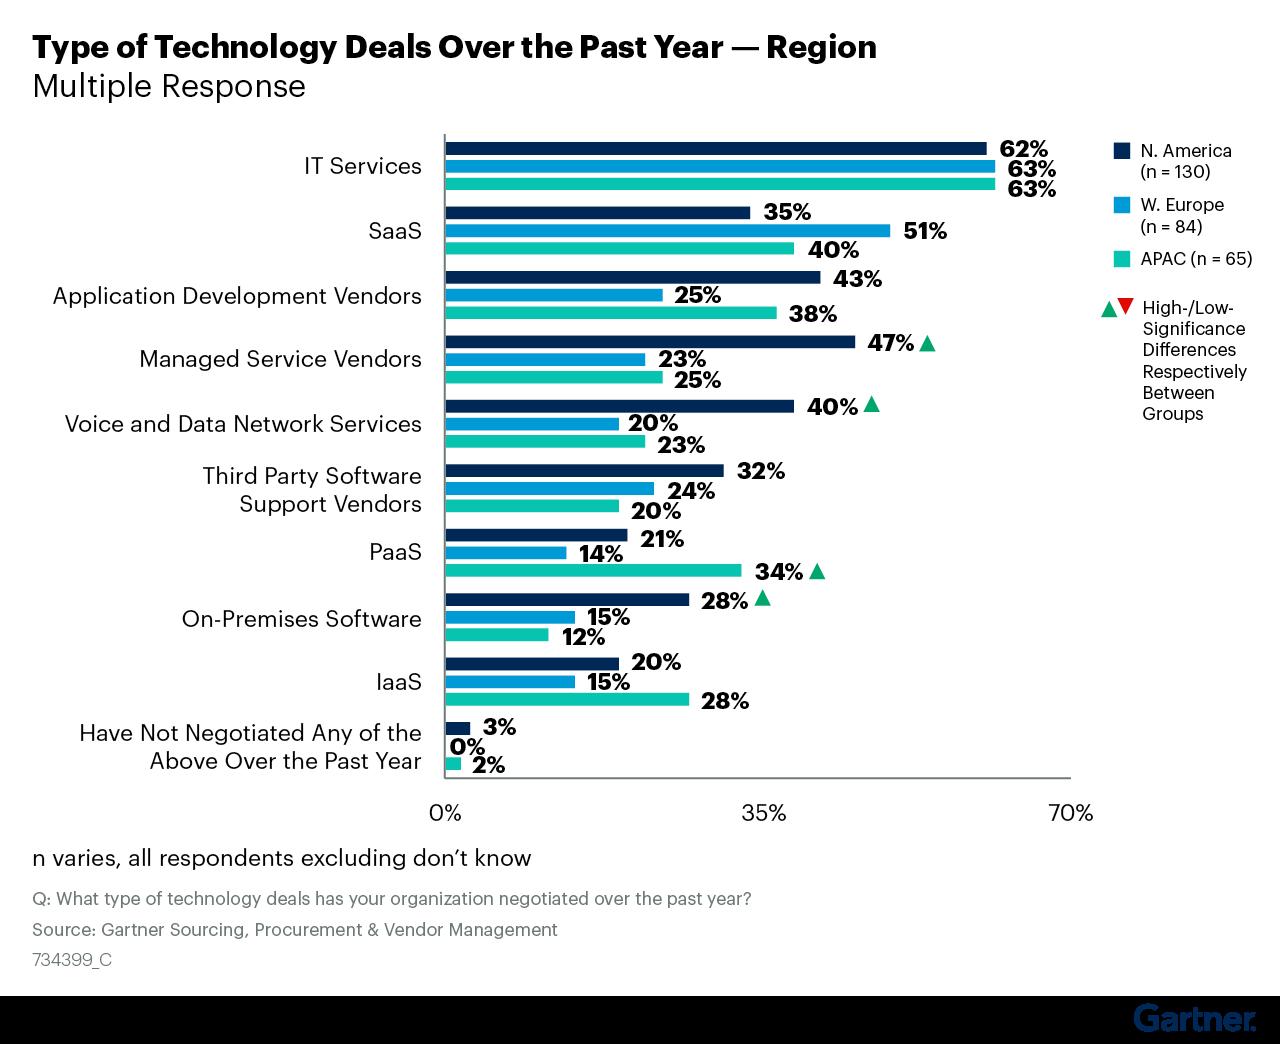 Figure 3: Technology Deals by Region